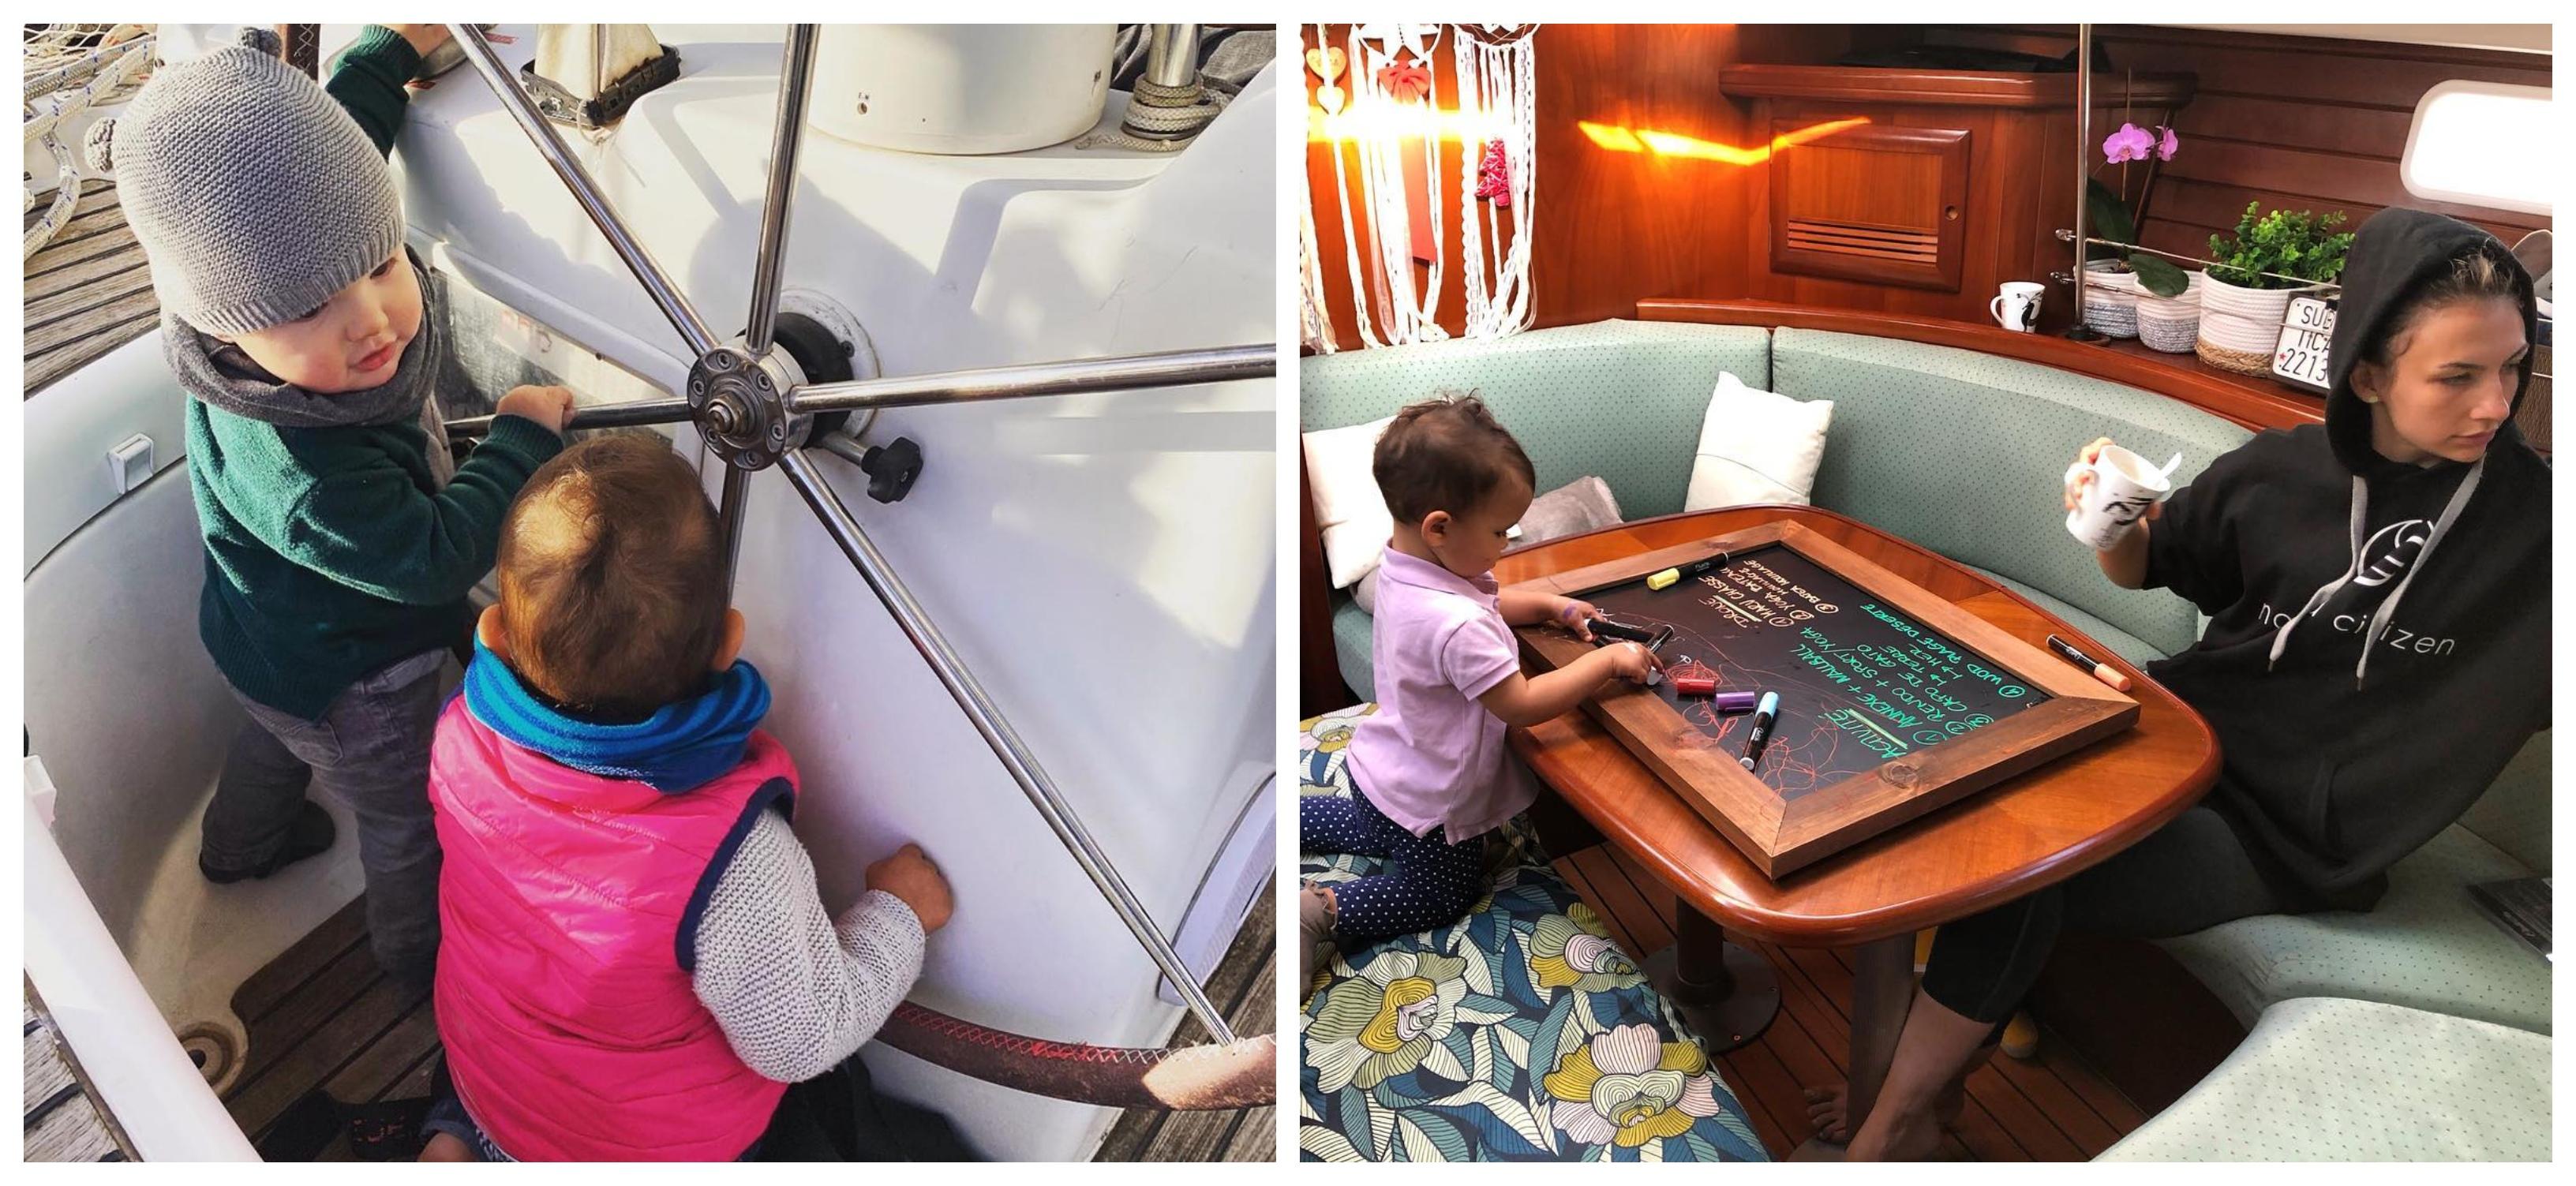 Bébé Tara et un autre enfant en train de s'amuser avec la barre, Photo: Sailing Nomad Citizen